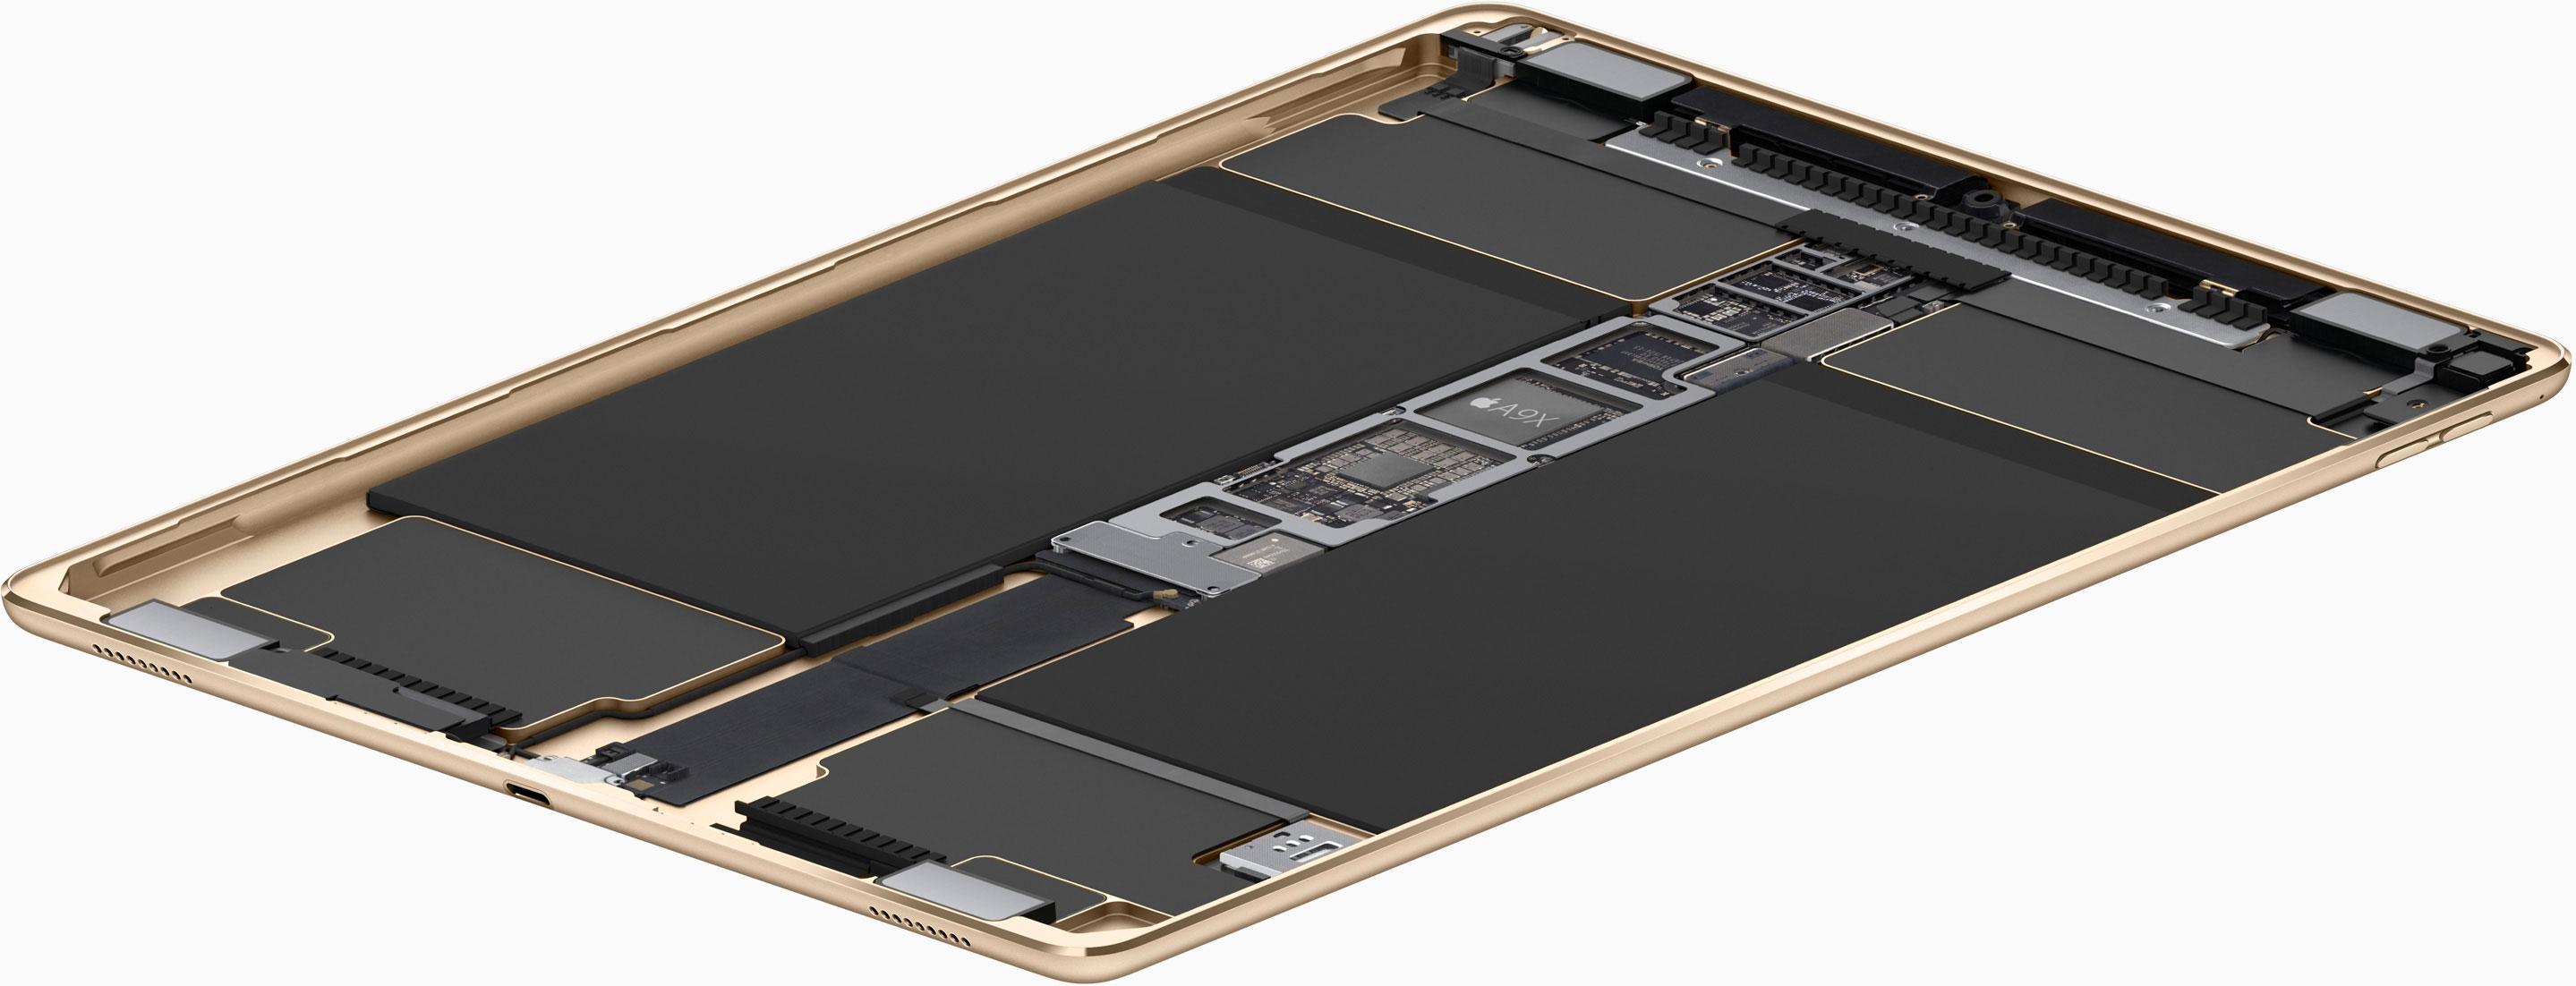 iPad Pro de 9,7 pulgadas por dentro